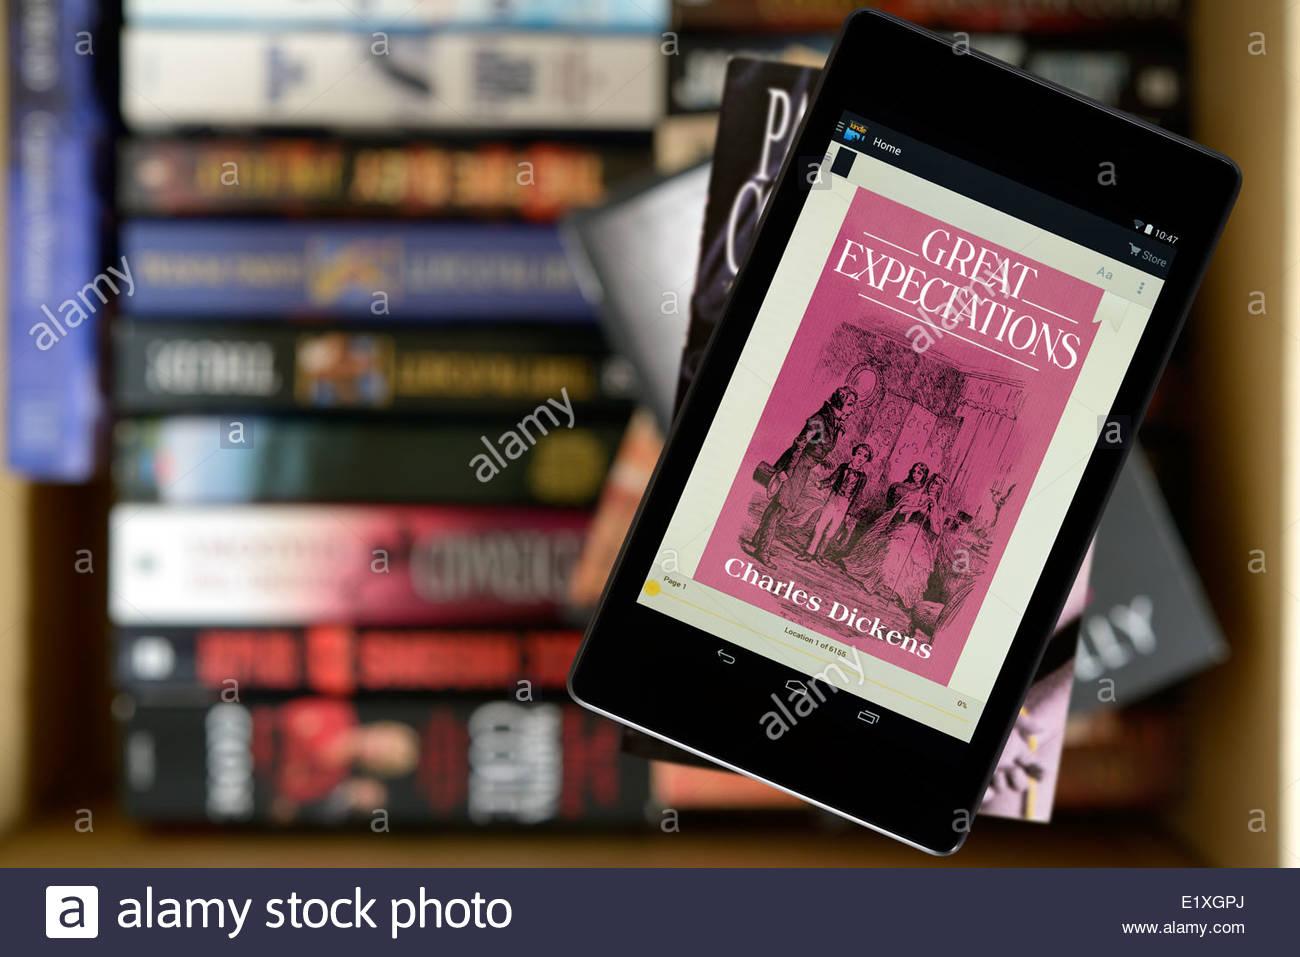 Roman de Charles Dickens, de grandes espérances, couverture de livre numérique sur tablette PC, Angleterre Photo Stock